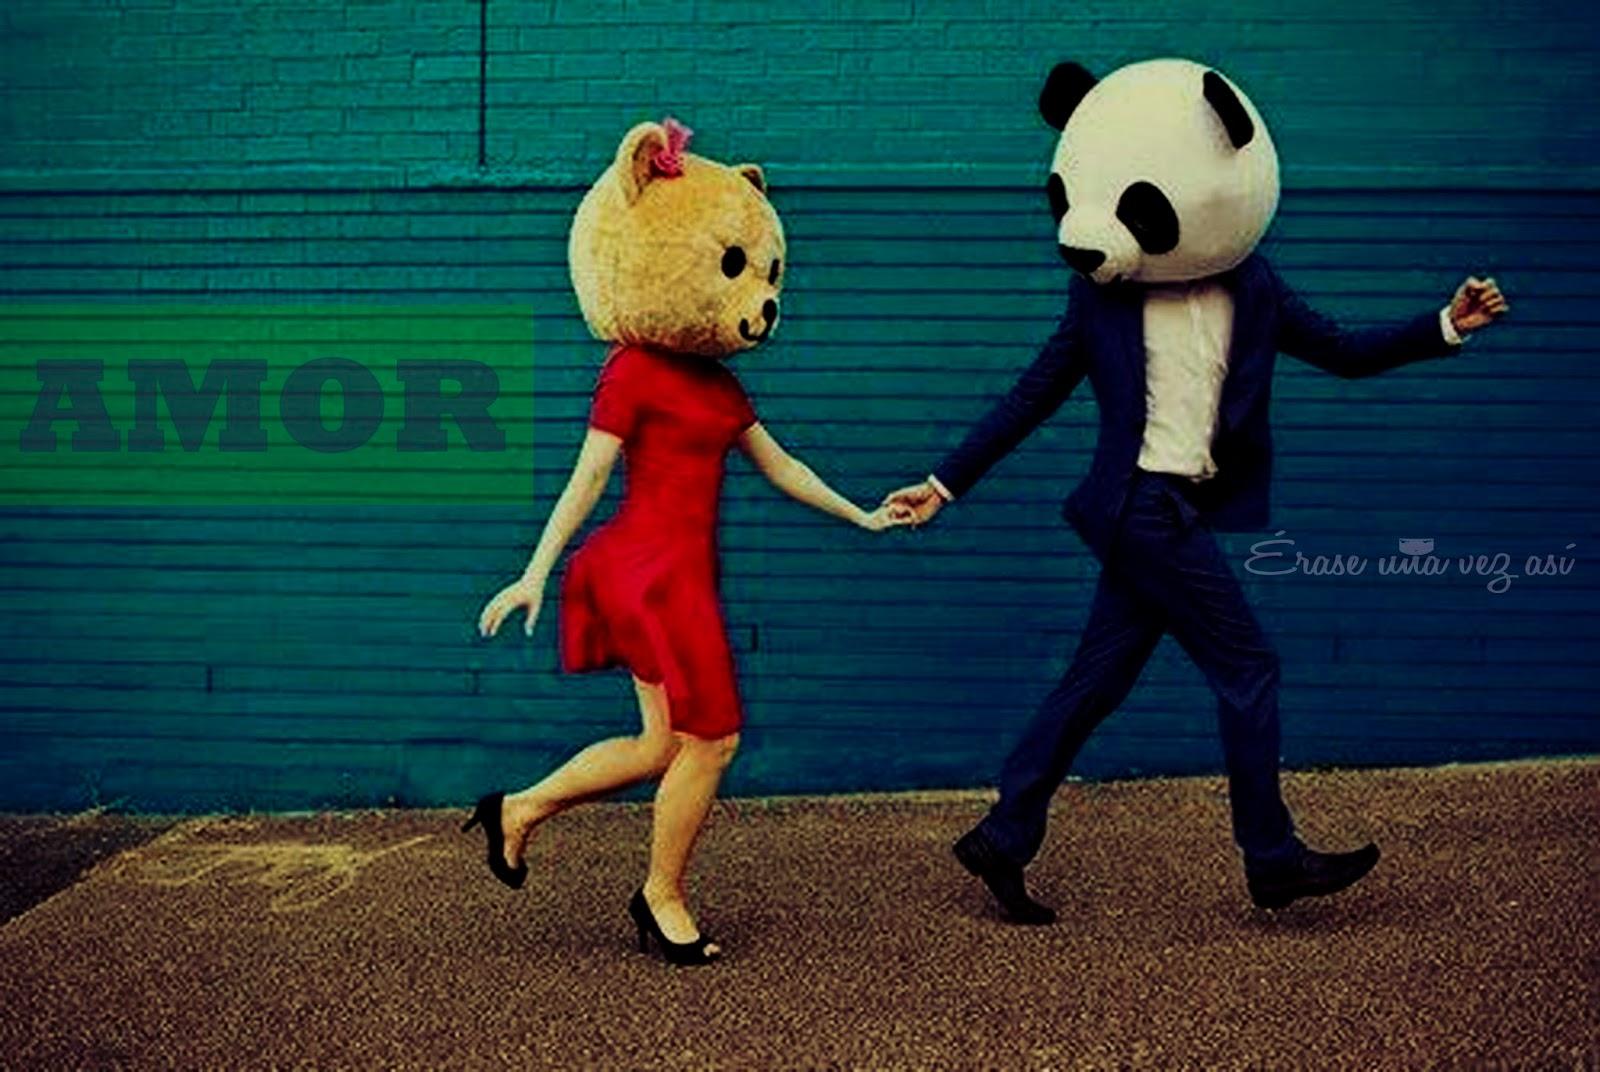 hispters, amor hispter, amor raro, frases de amor